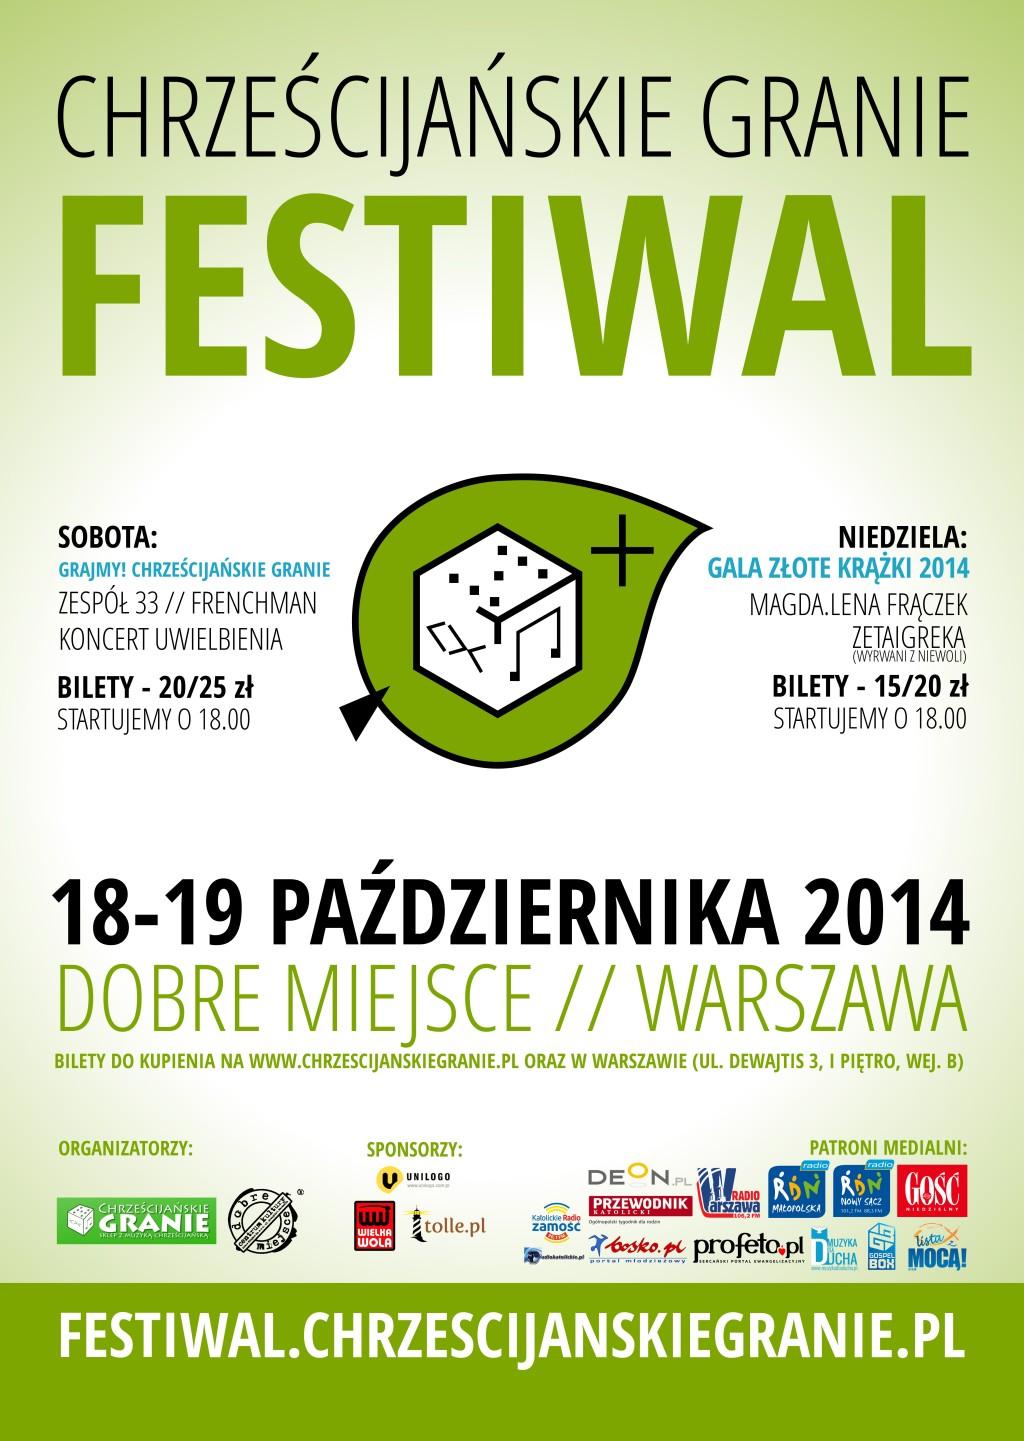 4. Festiwal Chrześcijańskie Granie - plakat